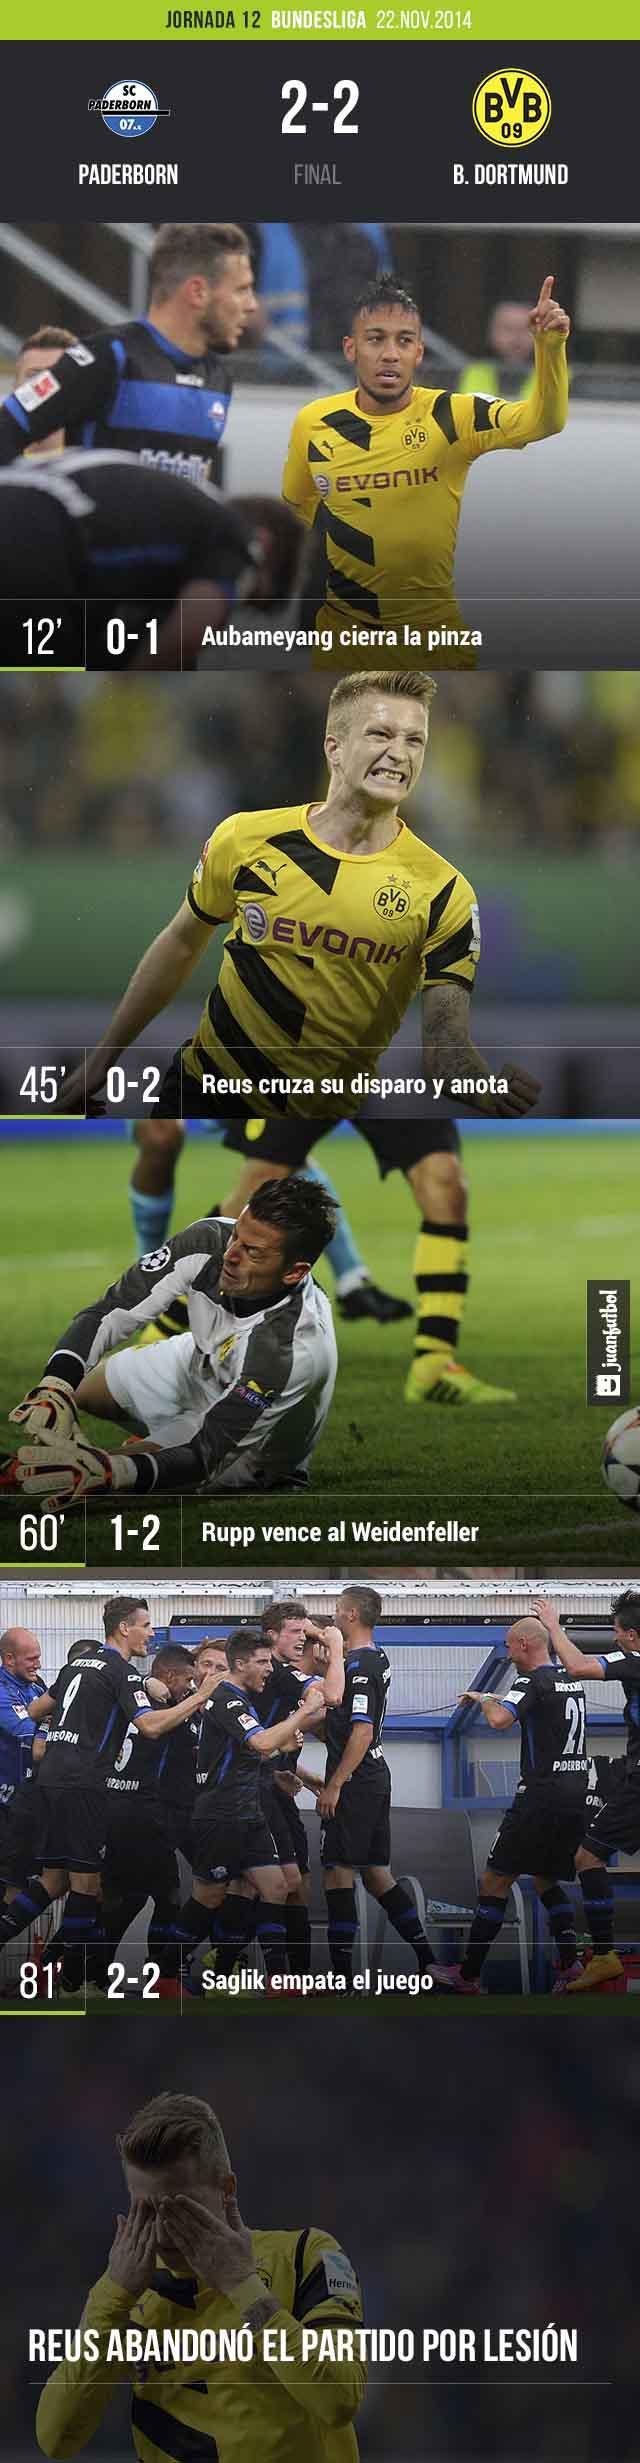 El Borussia Dortmund dejó ir tres puntos valiosos en su visita al Paderborn